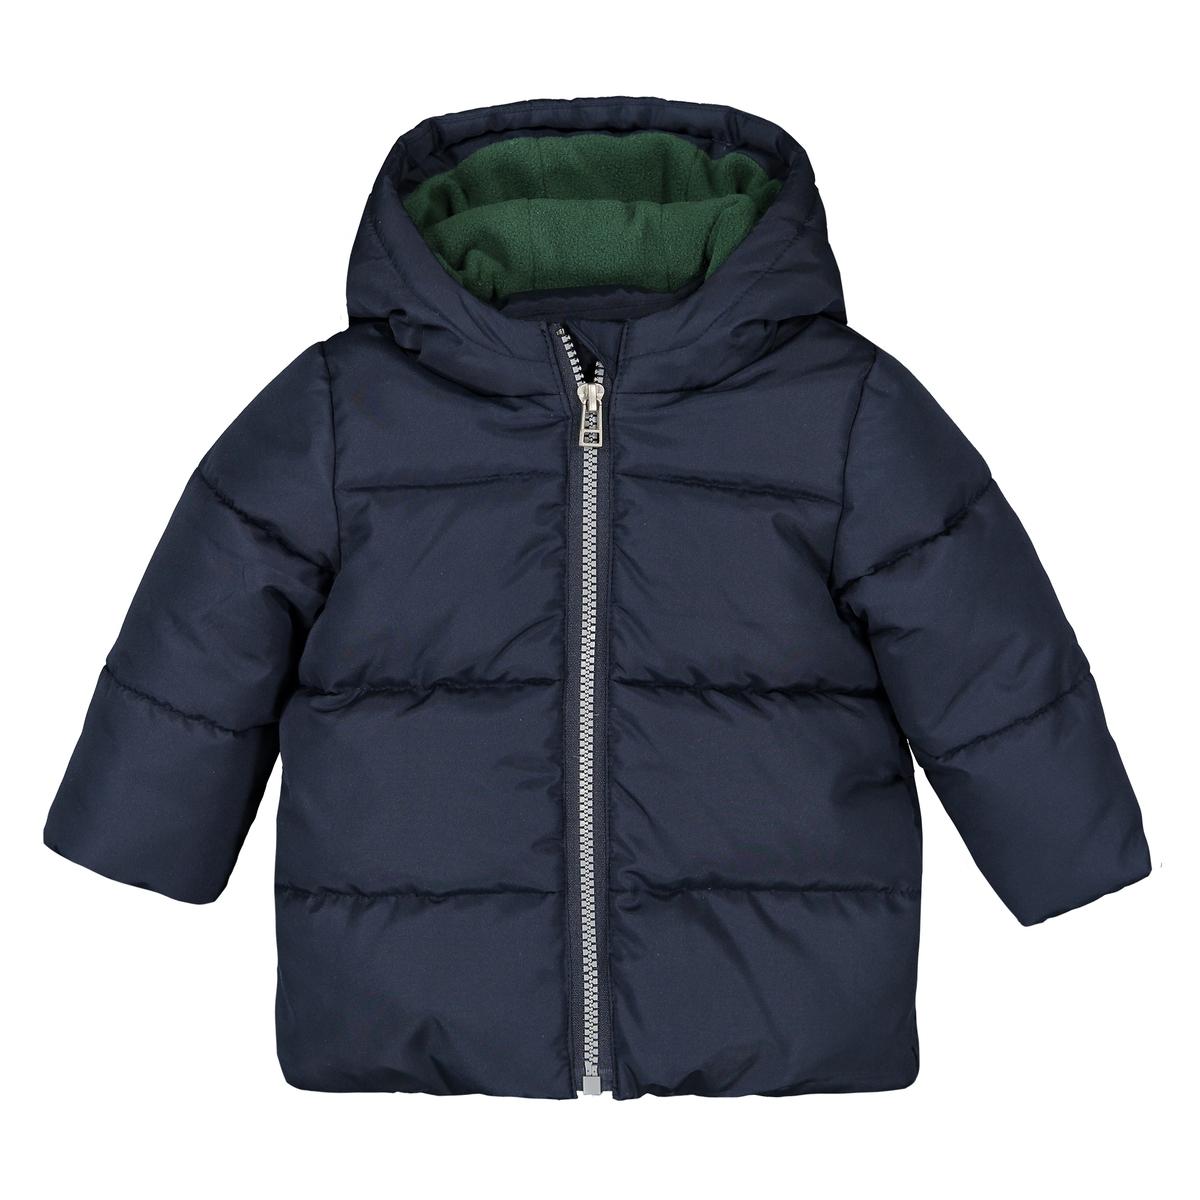 цена Утепленная La Redoute Куртка с капюшоном мес- года 3 мес. - 60 см синий онлайн в 2017 году